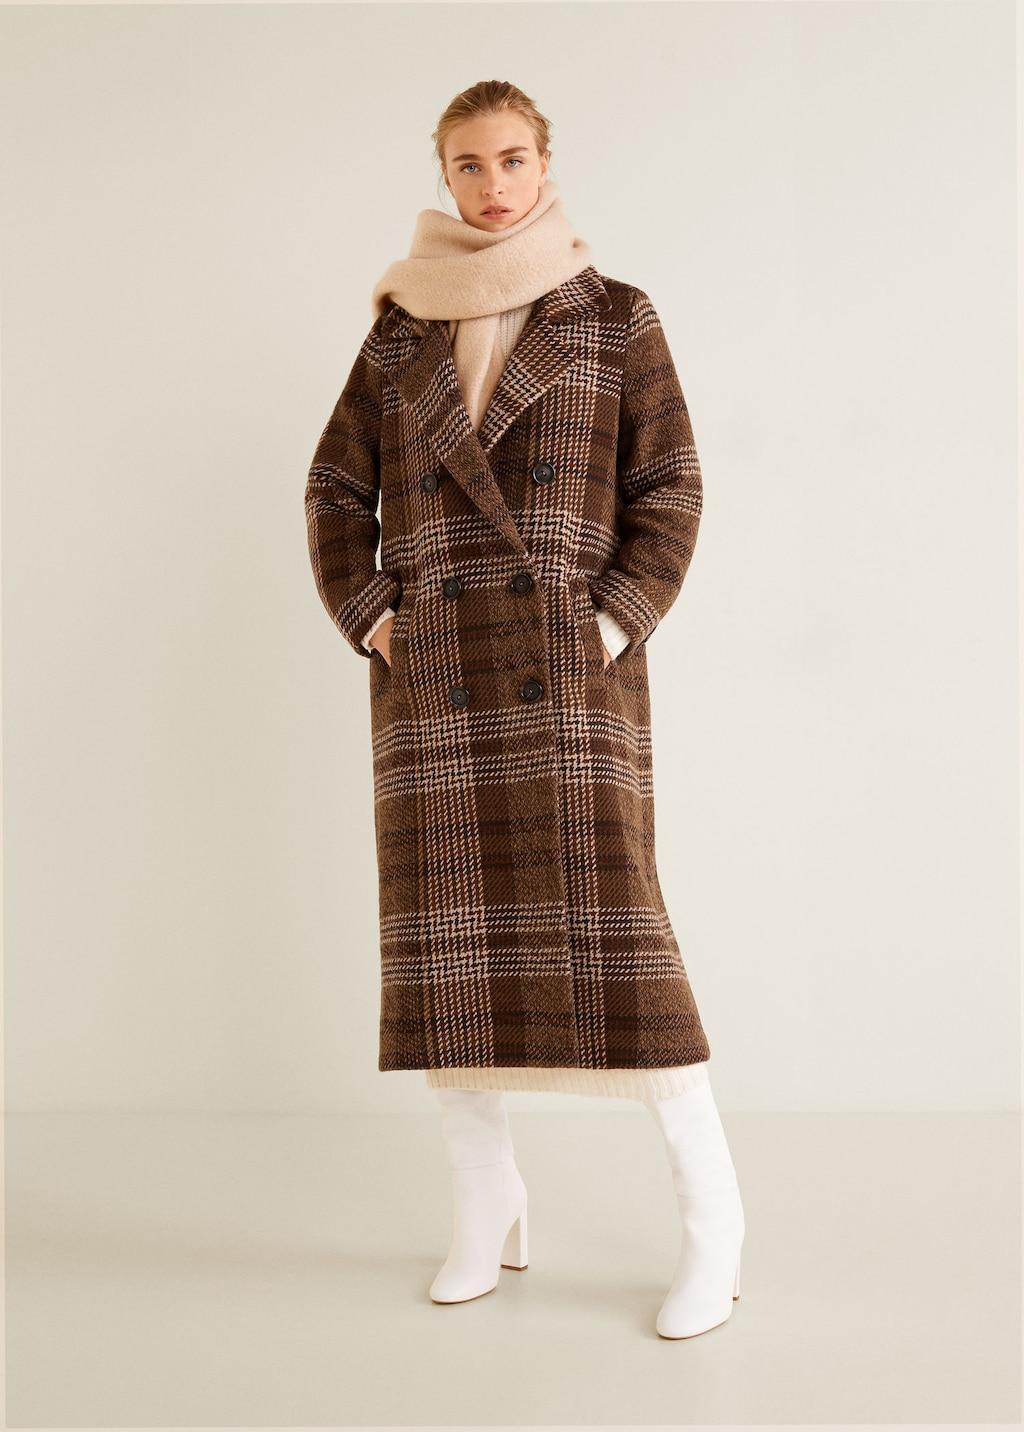 Donna Lana In o Modelli Cappotti Wardrobe 2018 25 The Quasi qndTXC